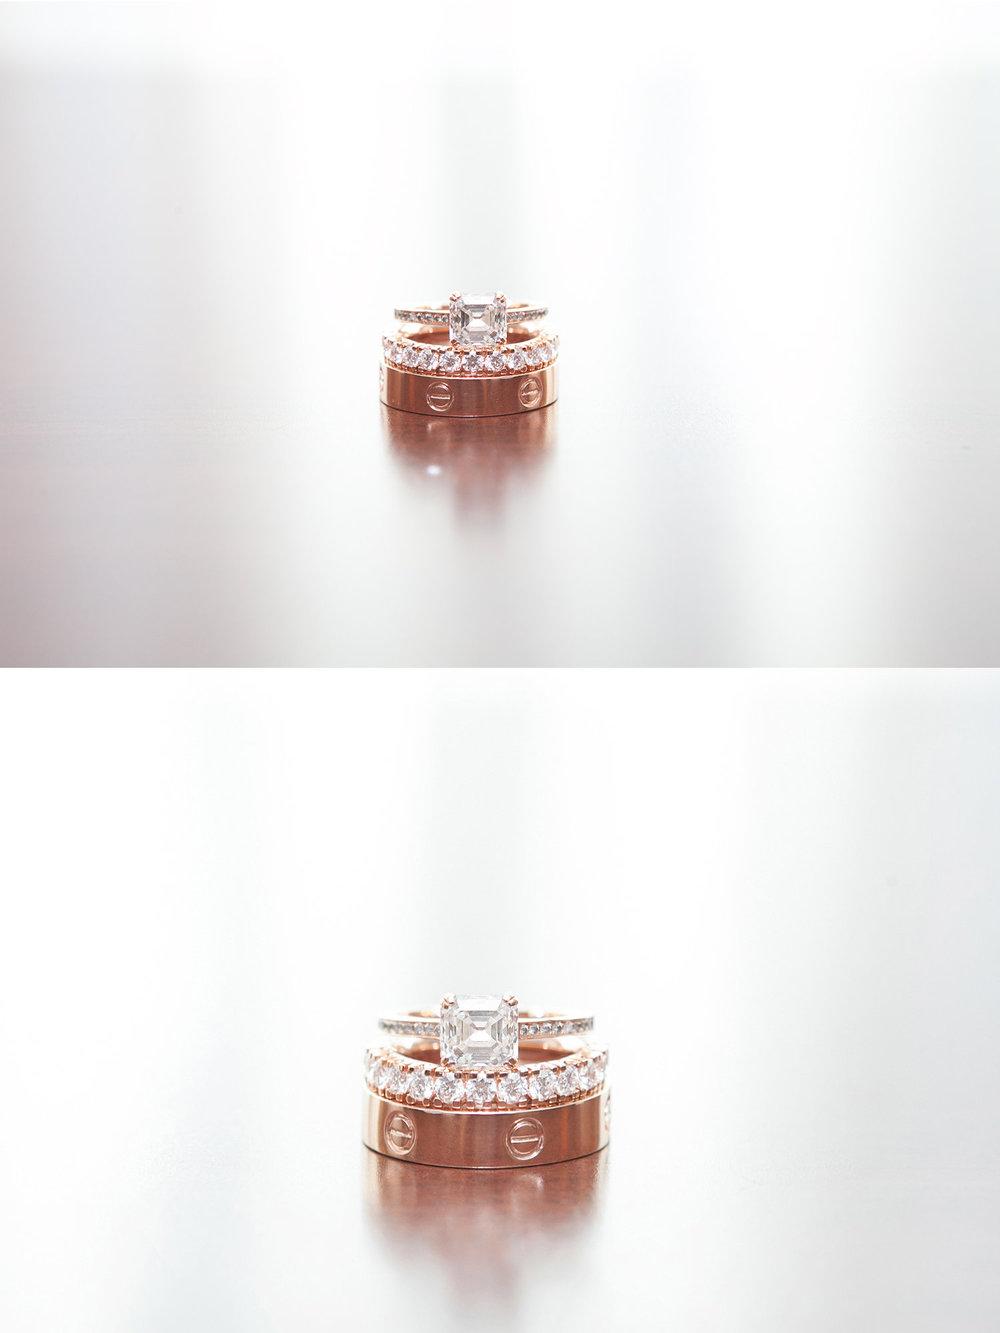 retouch samples-0019.jpg